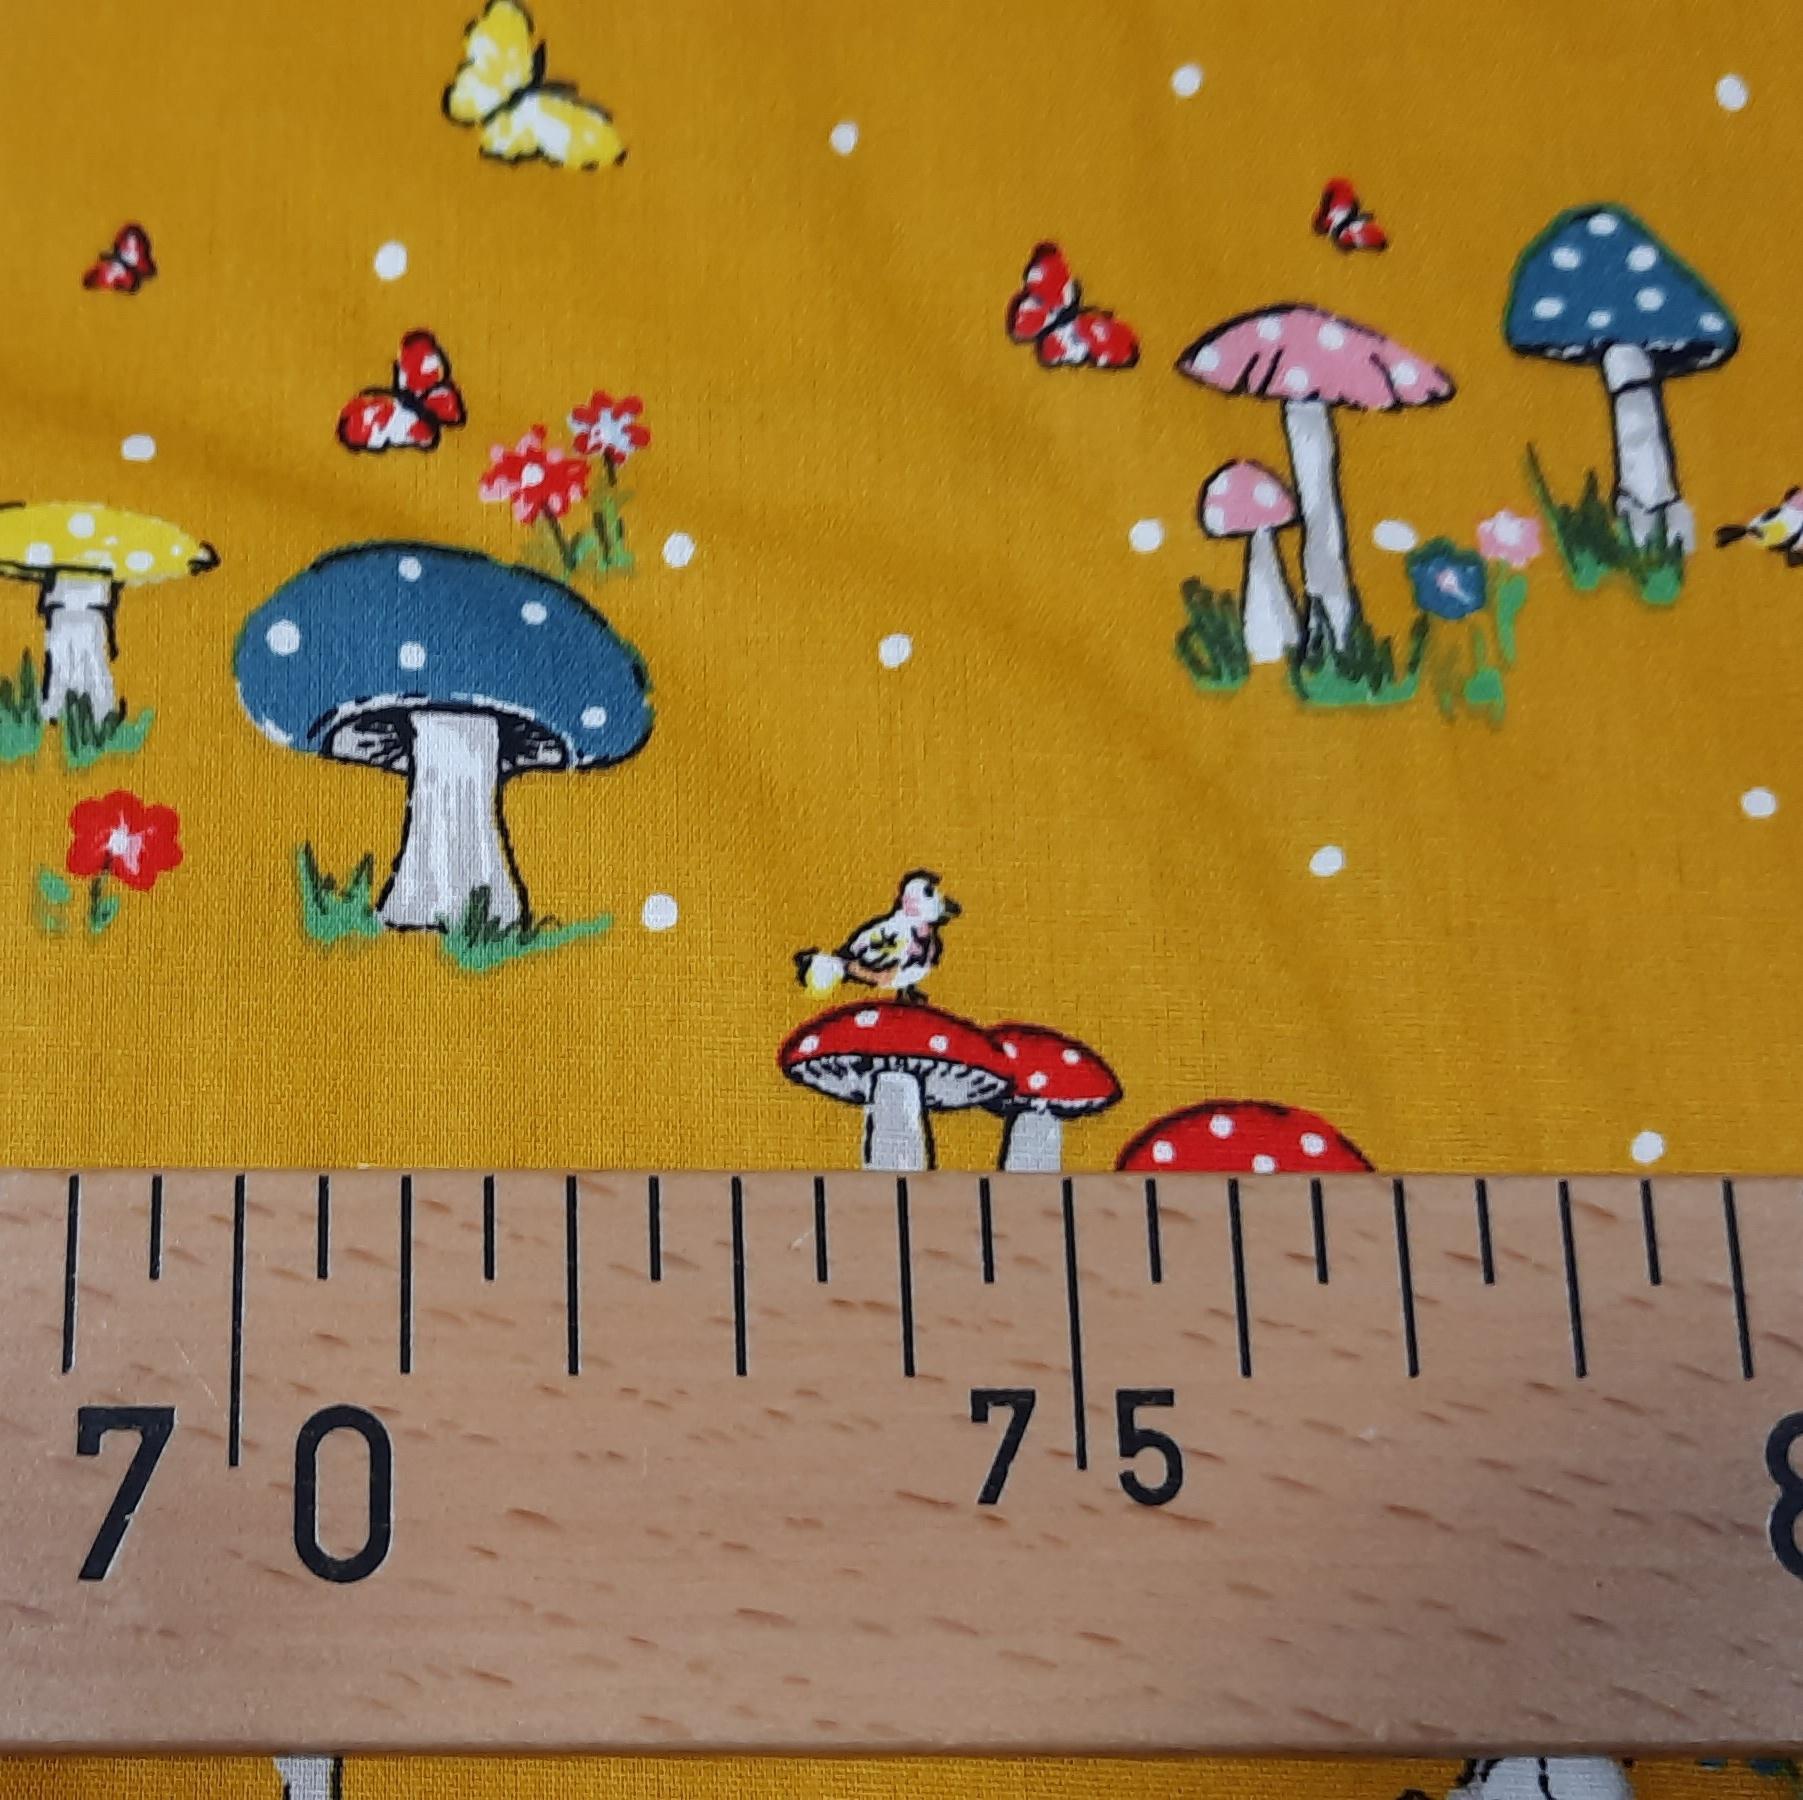 Mushroom village 3